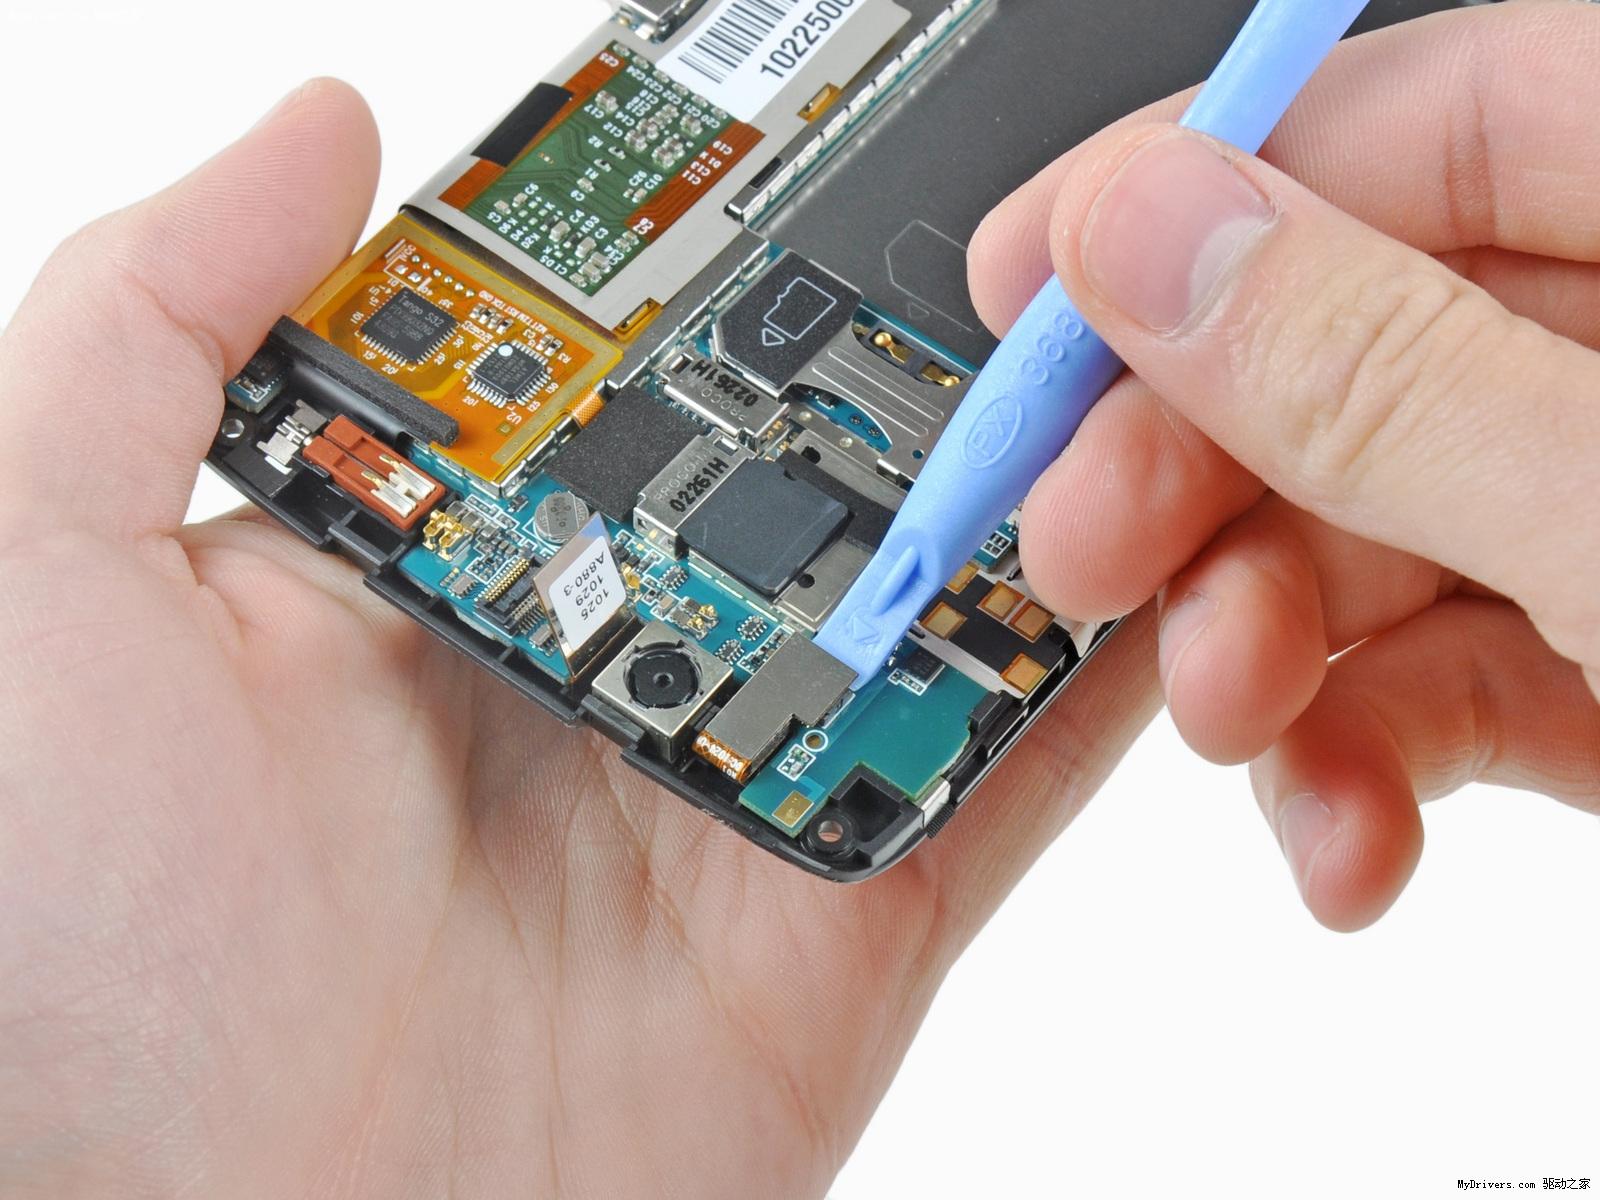 拆下主板之前必须将触摸屏显示器的排线及控制按钮连接线断开     C形主板很容易取下,这样的主板可以节省更多的空间  在主板顶端附近有一个MicroSD卡插槽,内置有容量为2GB的存储卡,但是不允许用户访问,这是用于存放内部系统和应用文件的空间   主板上的芯片,红色部分高通QSD8250 Snapdragon处理器,橙色部分Analog Devices ADV7520低功耗HDMI/DVI传输器,黄色部分海力士H8BES0UU0MCR MCP(基于NAND),绿色部分高通公司MXU6219射频收发器,